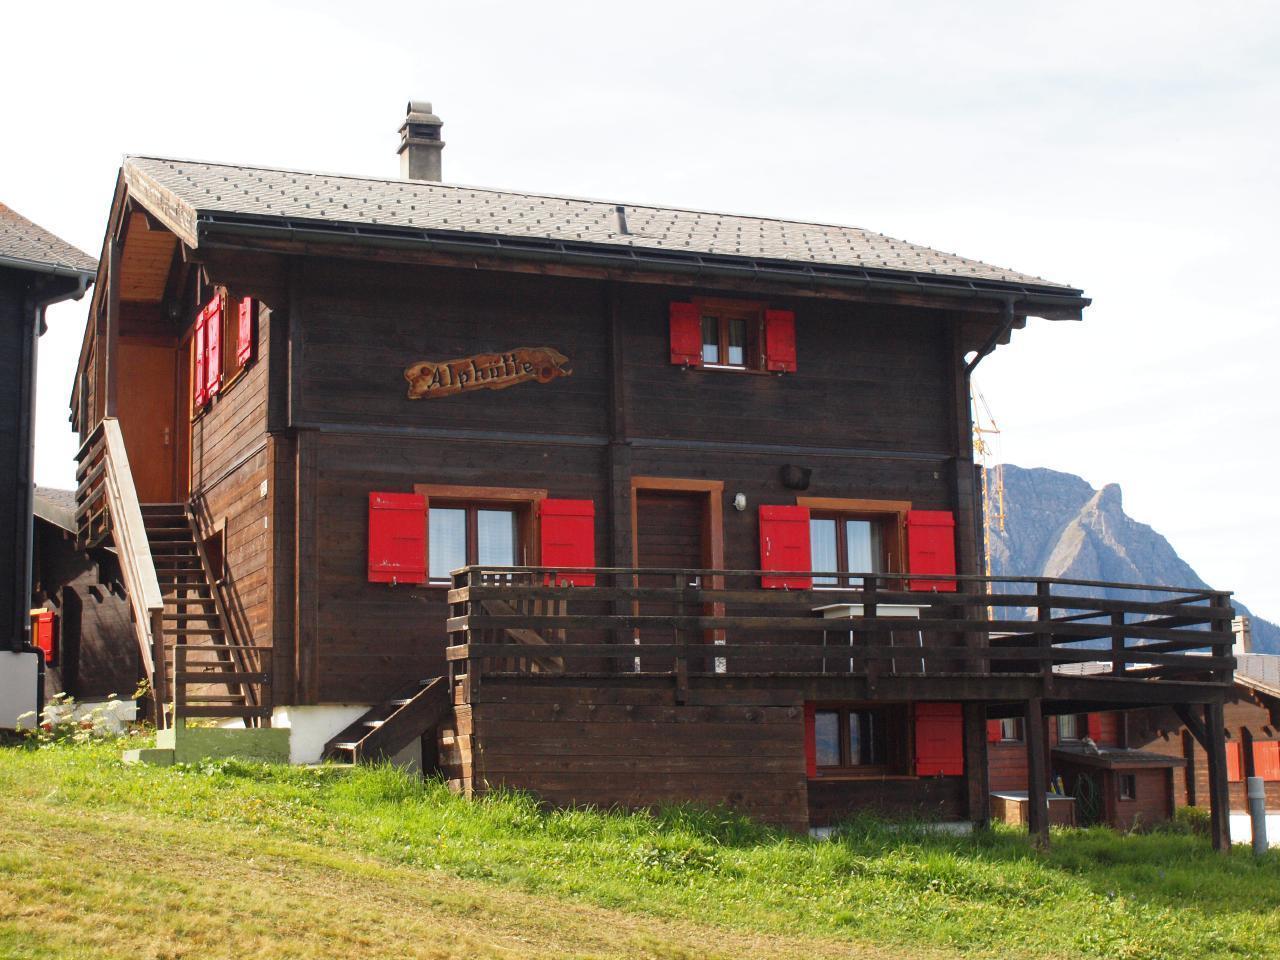 Ferienwohnung Urchiges Walliserchalet auf Rosswald | Alphütte OG (2171131), Rosswald, Brig - Simplon, Wallis, Schweiz, Bild 3